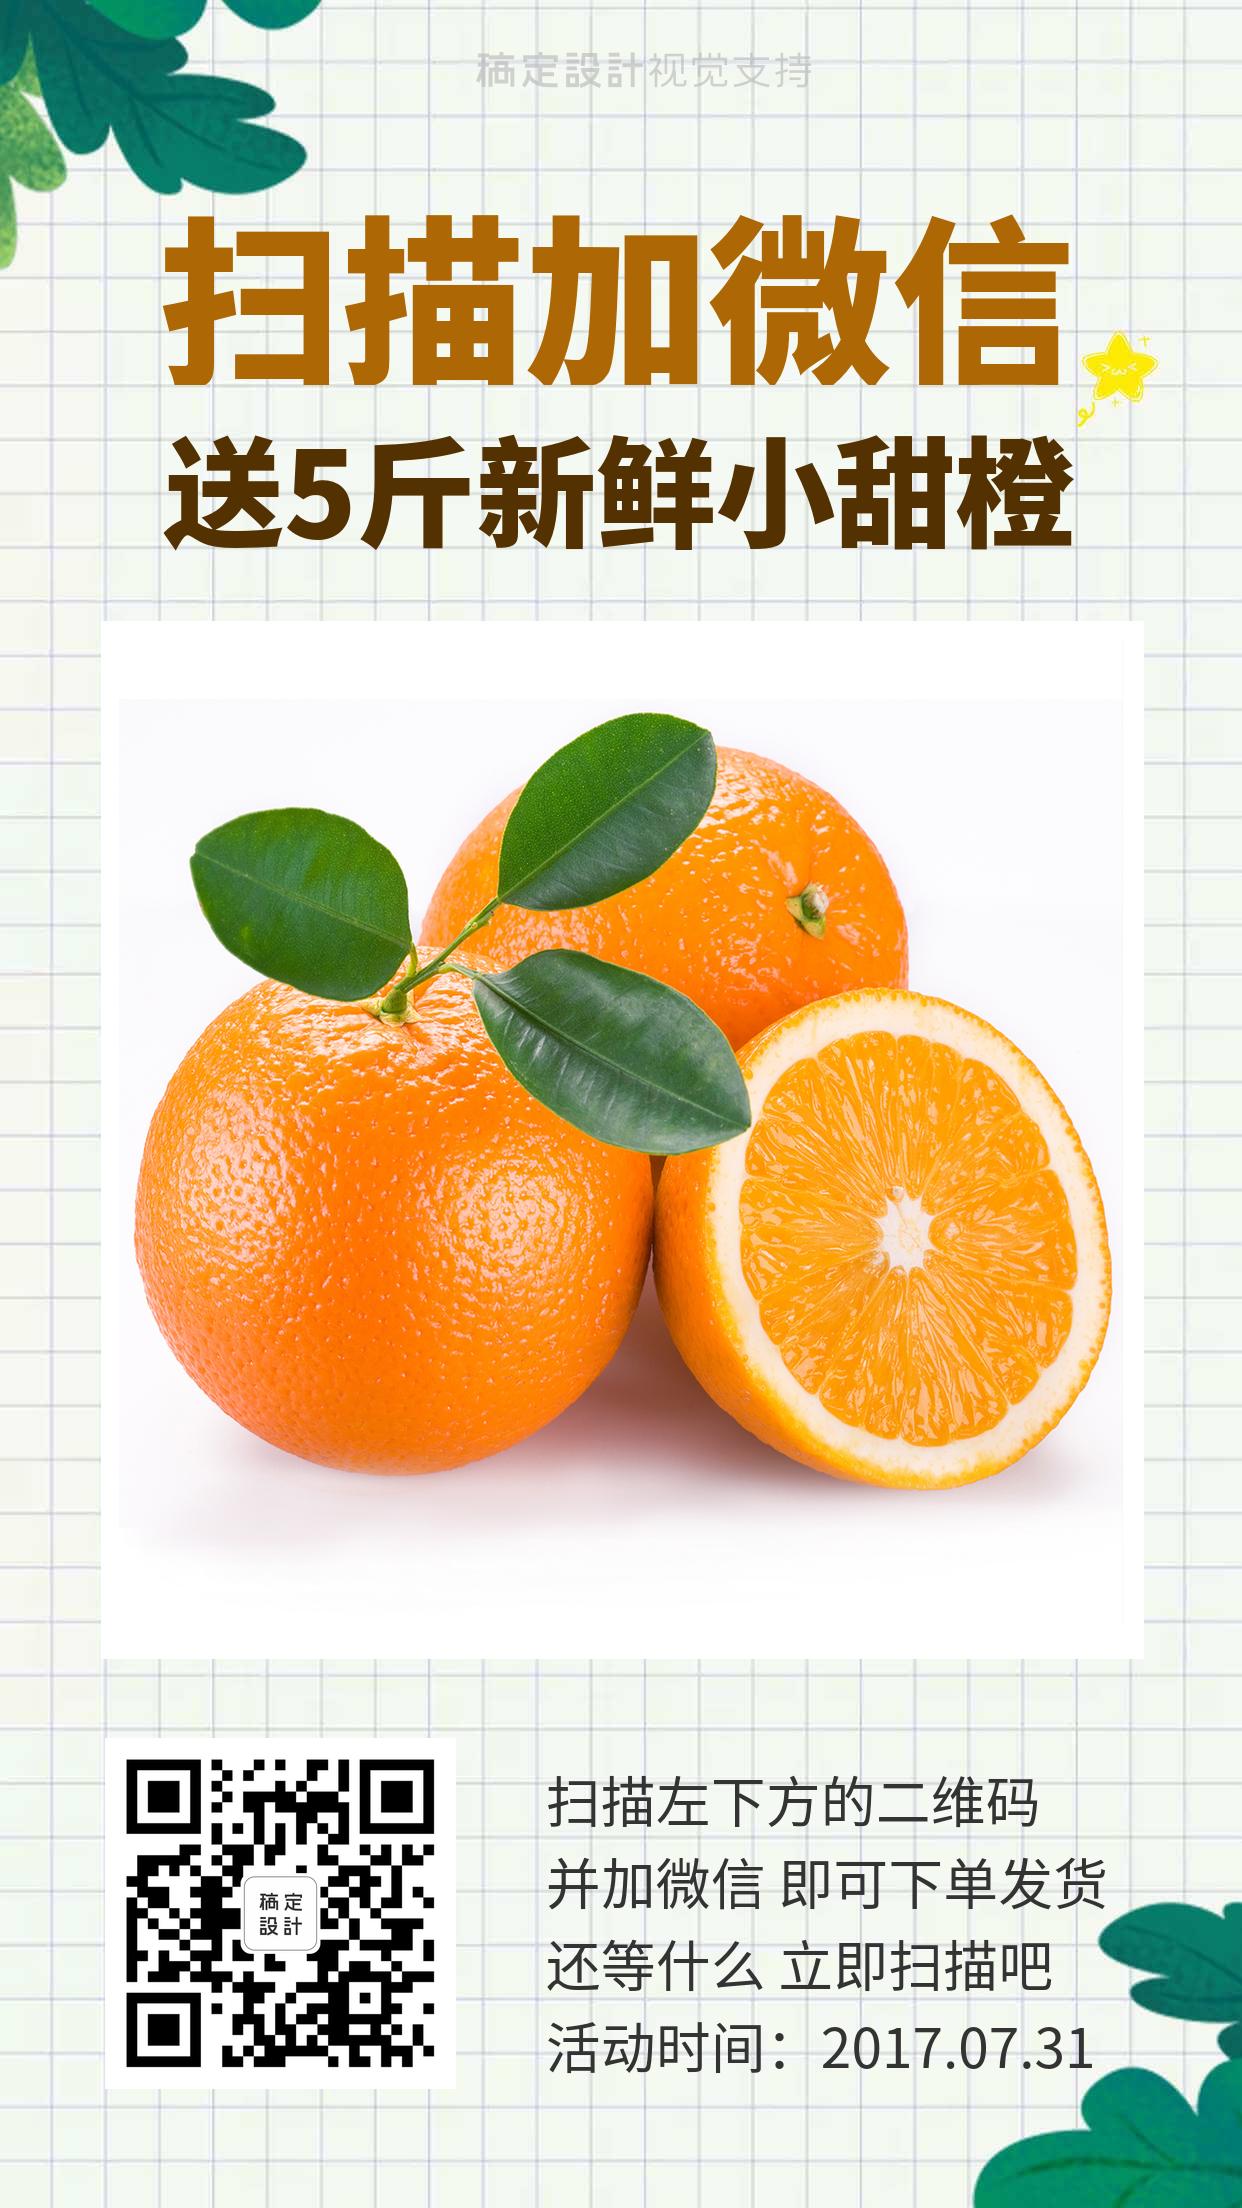 简约二维码引流水果促销